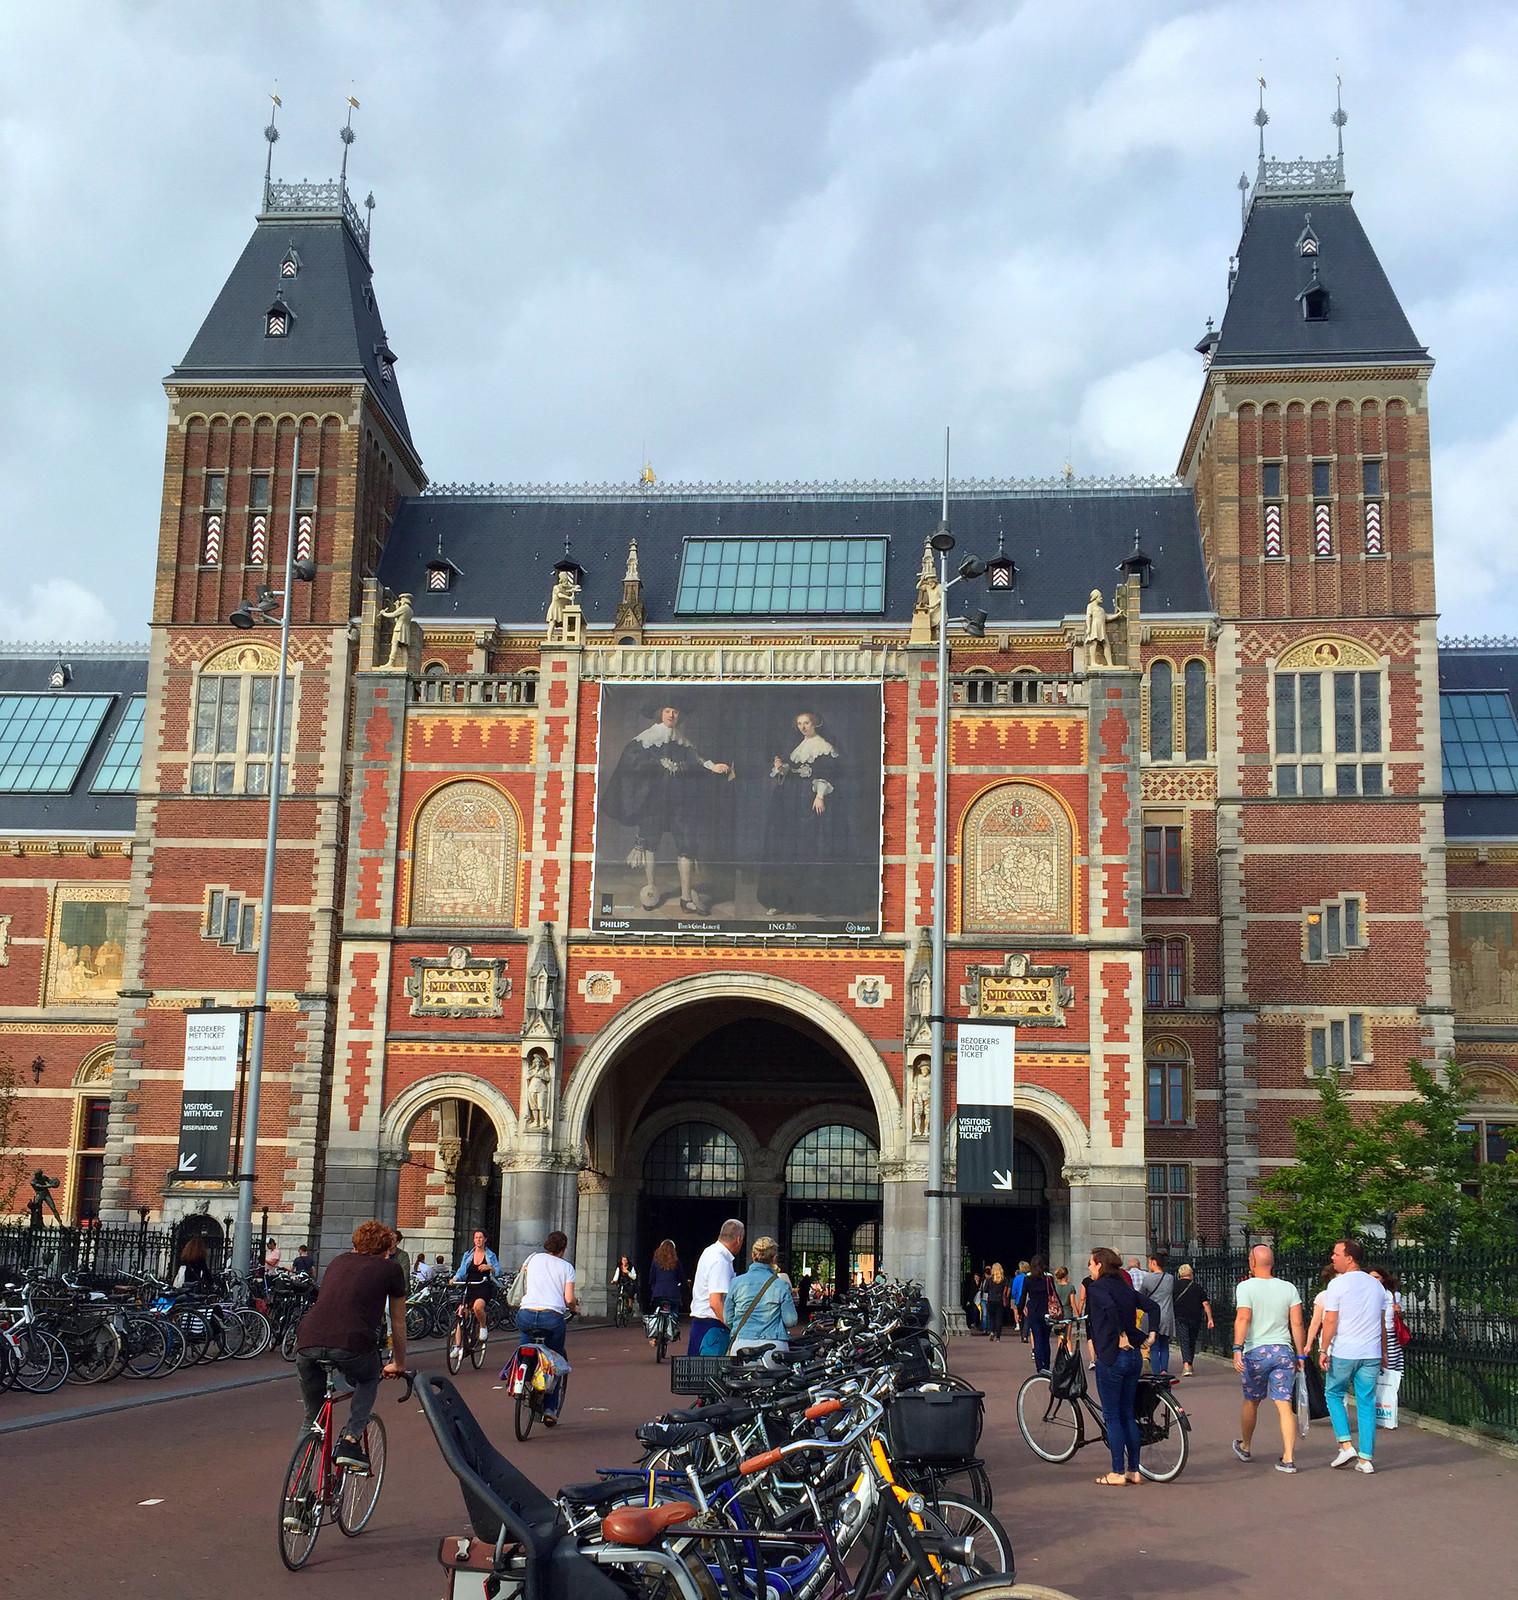 Qué ver en Ámsterdam - Museo, Holanda qué ver en Ámsterdam - 33142832991 648faebd80 h - Qué ver en Ámsterdam